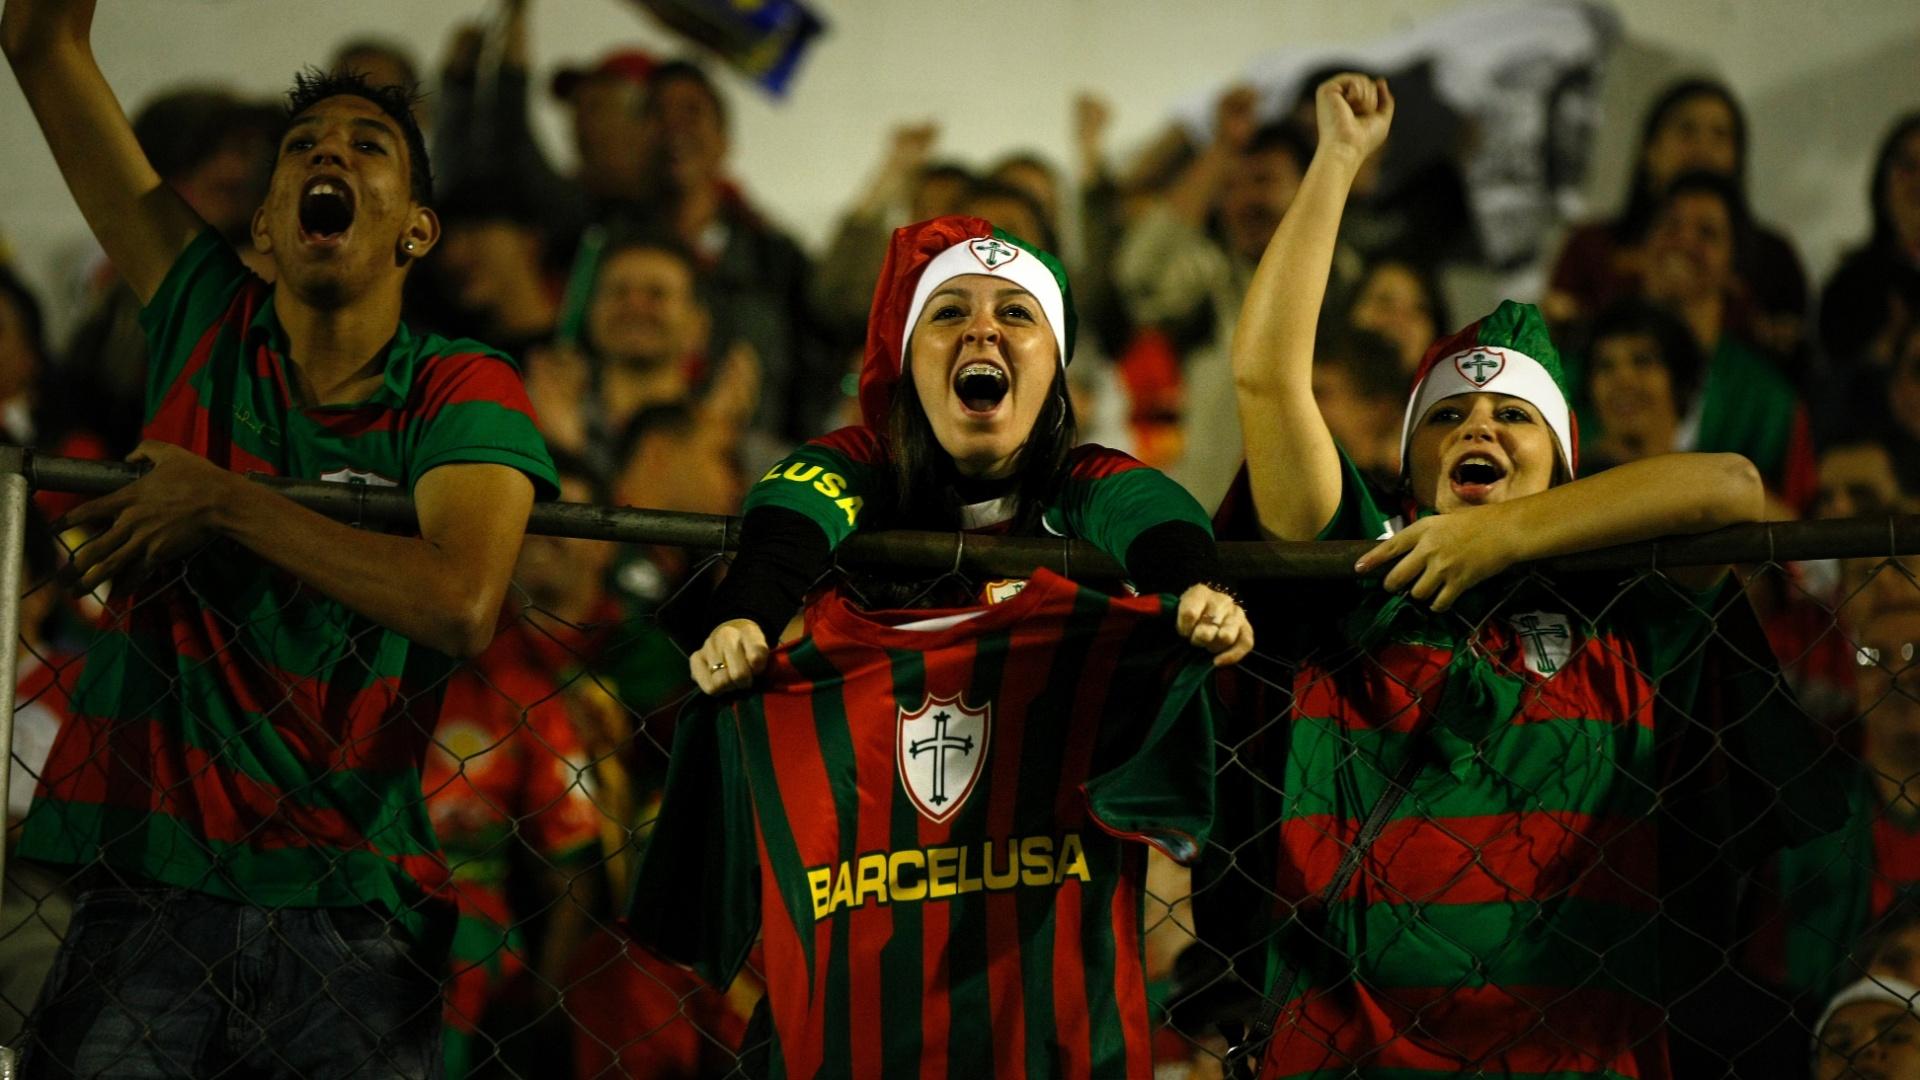 Torcida da Lusa compareceu ao Canindé para prestigiar o jogo contra o Duque de Caxias, pela Série B do Brasileiro